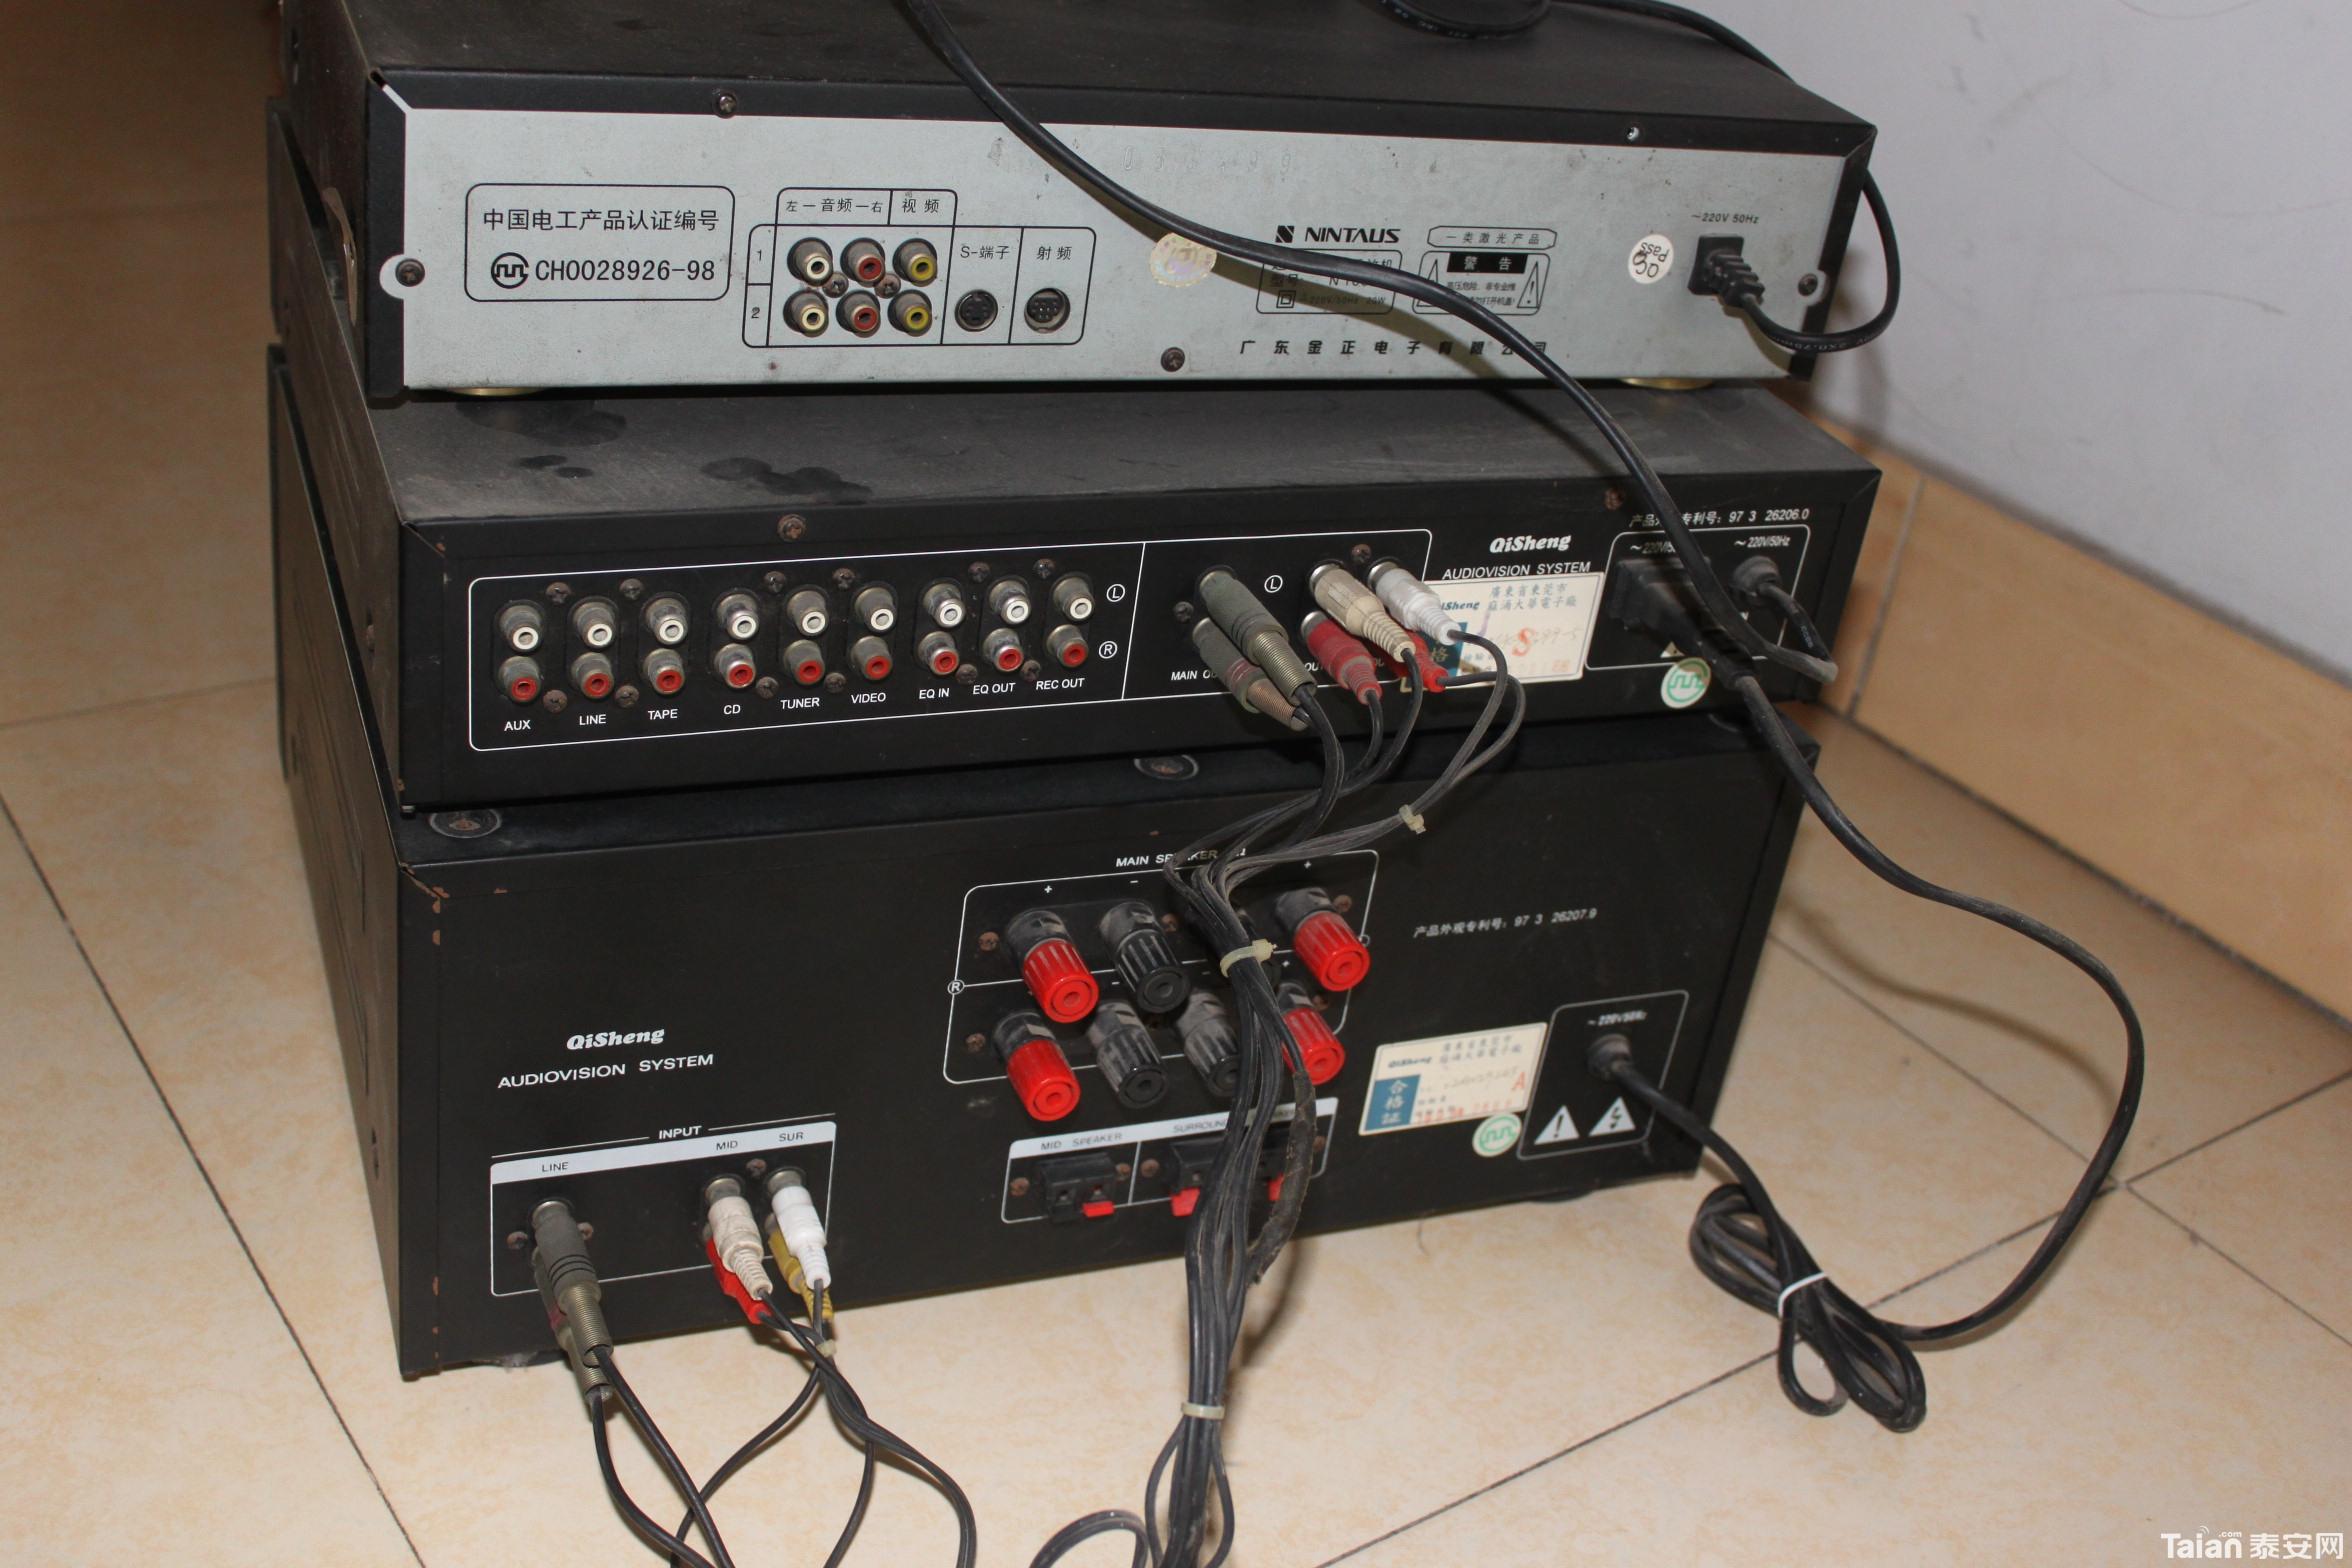 奇声 AV388,99年1200多元购买于威龙家电商场,国产经典前后级套装,5声道输出,重低音,等响度,环绕按键,环形变压器,专业电源,不是一般的E牛能比的,适合推更大的落地箱之类的,推力强劲。。现460元转让!(购买功放机可以赠送功放机上面的金正VCD)QQ:1016131757,电话:13583897318,